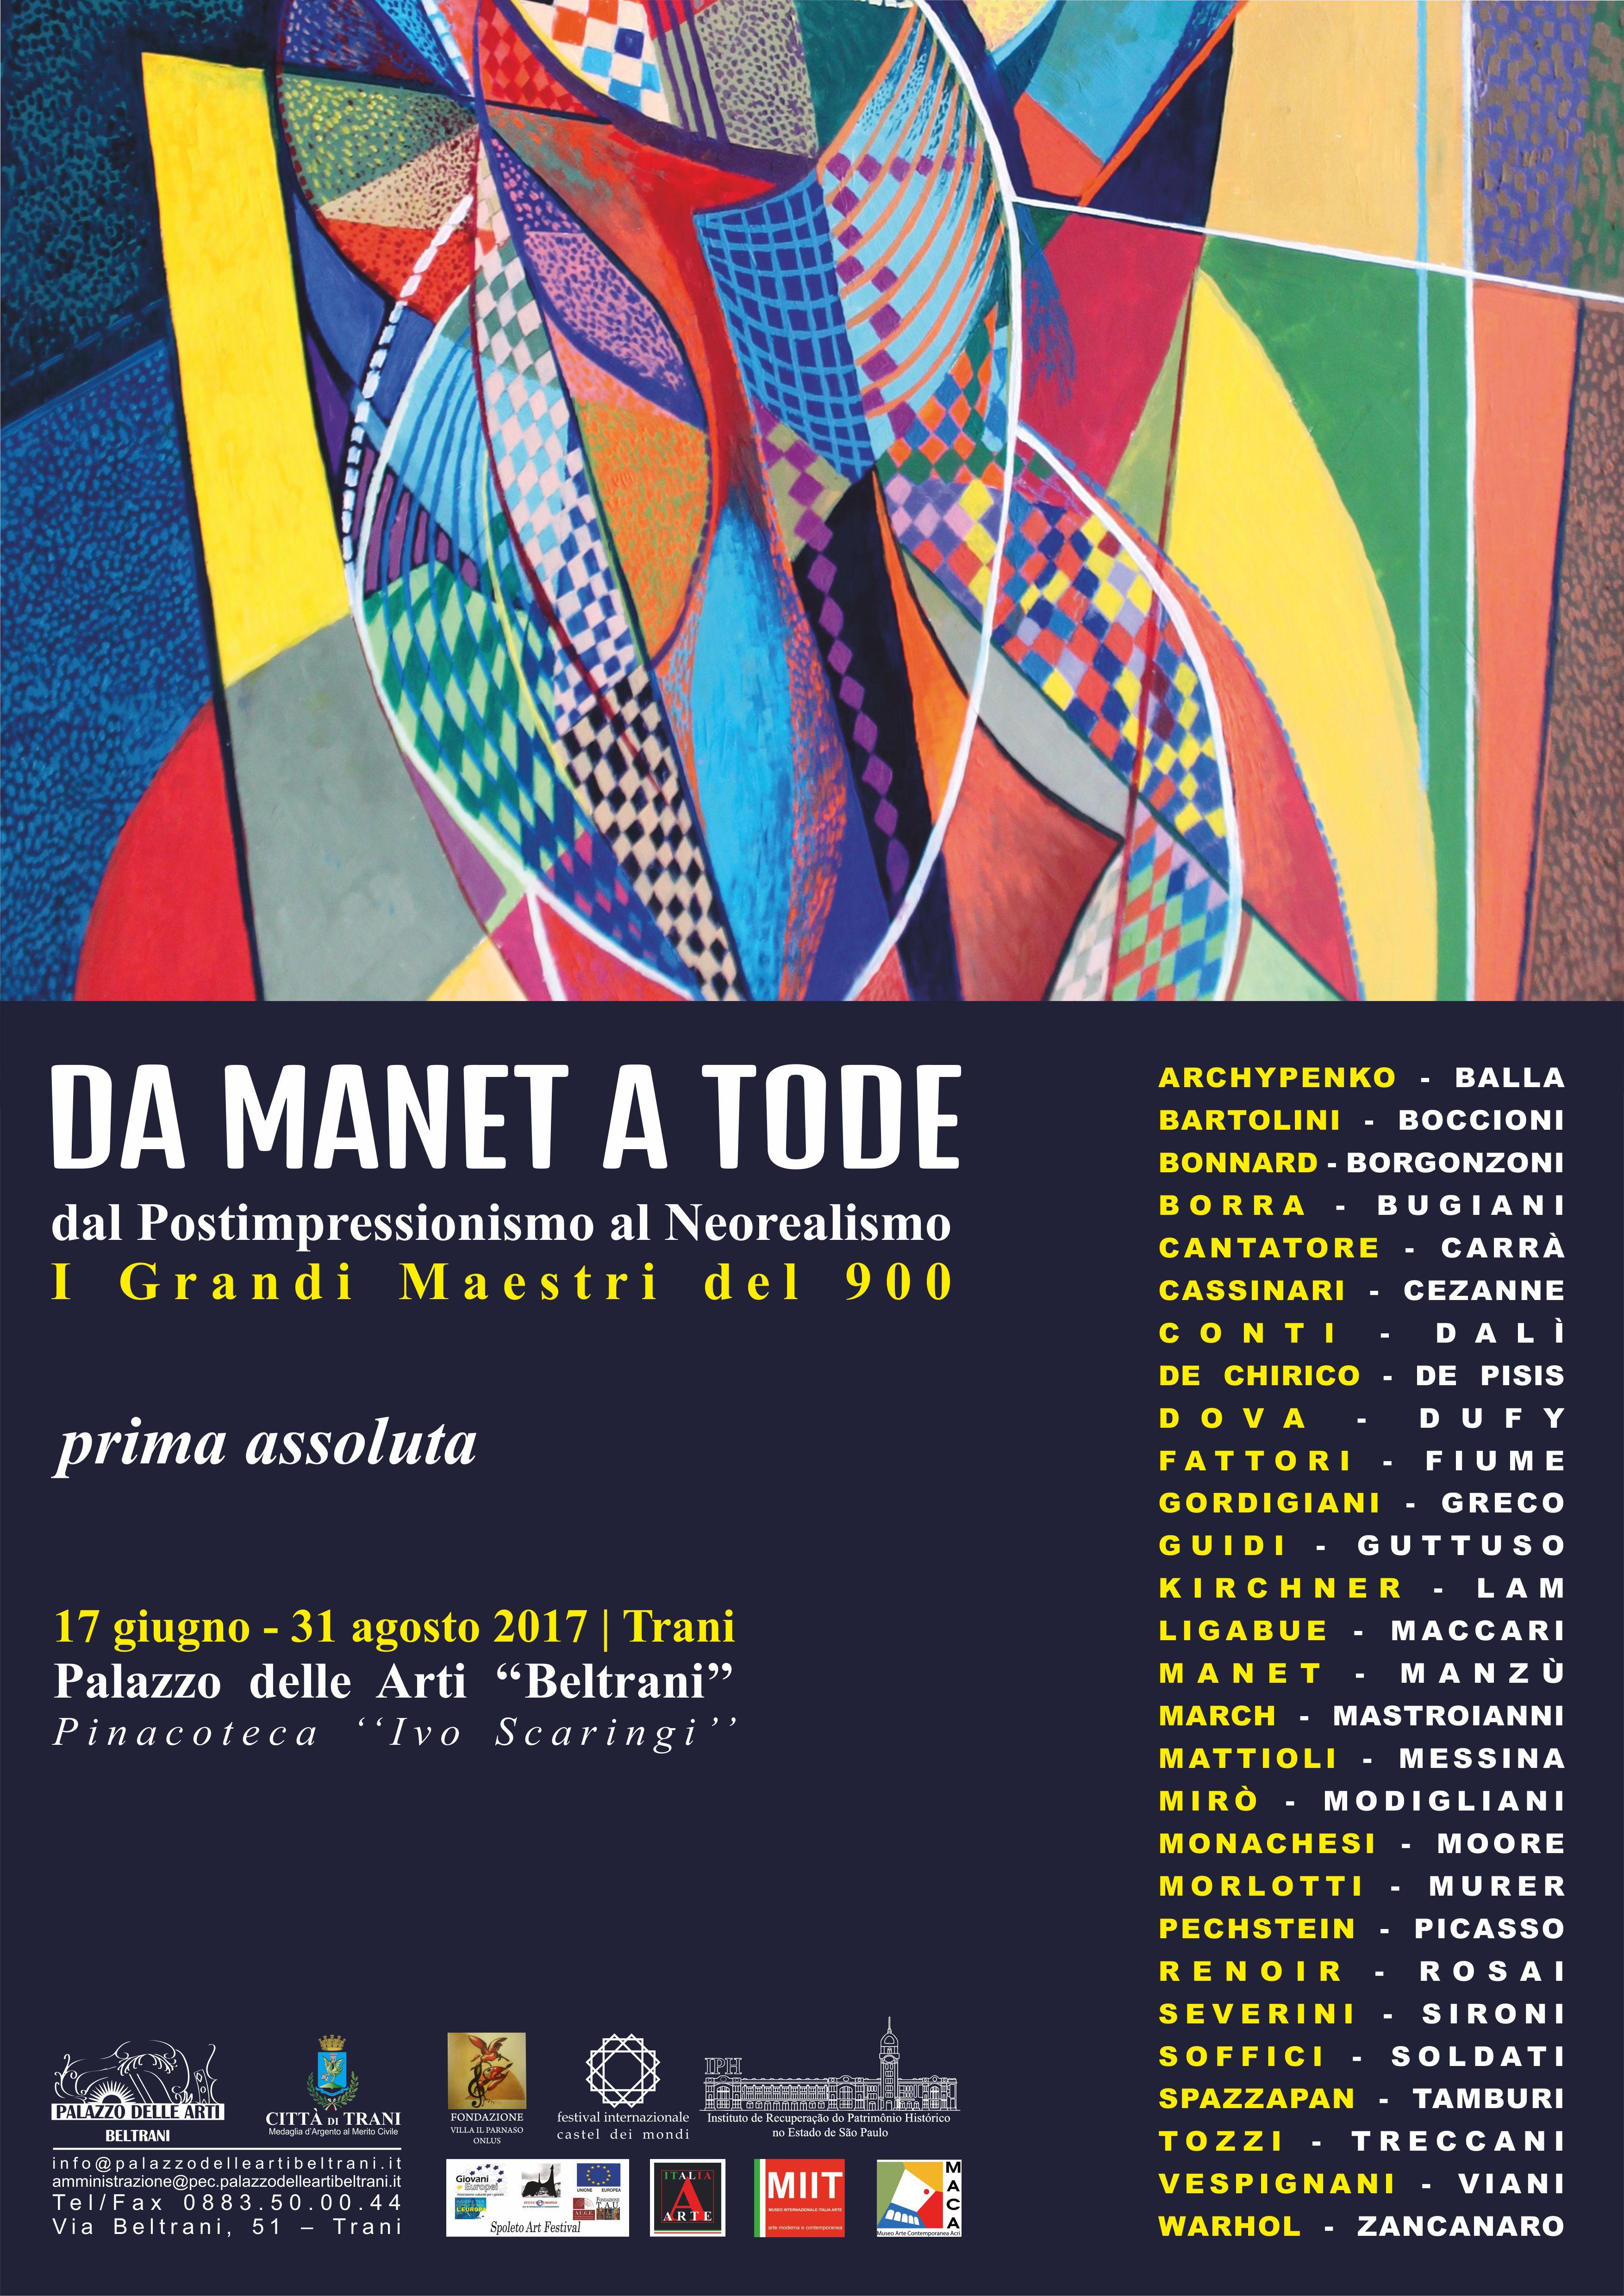 Mostra Palazzo delle Arti Beltrani - Pinacoteca Ivo Scaringi